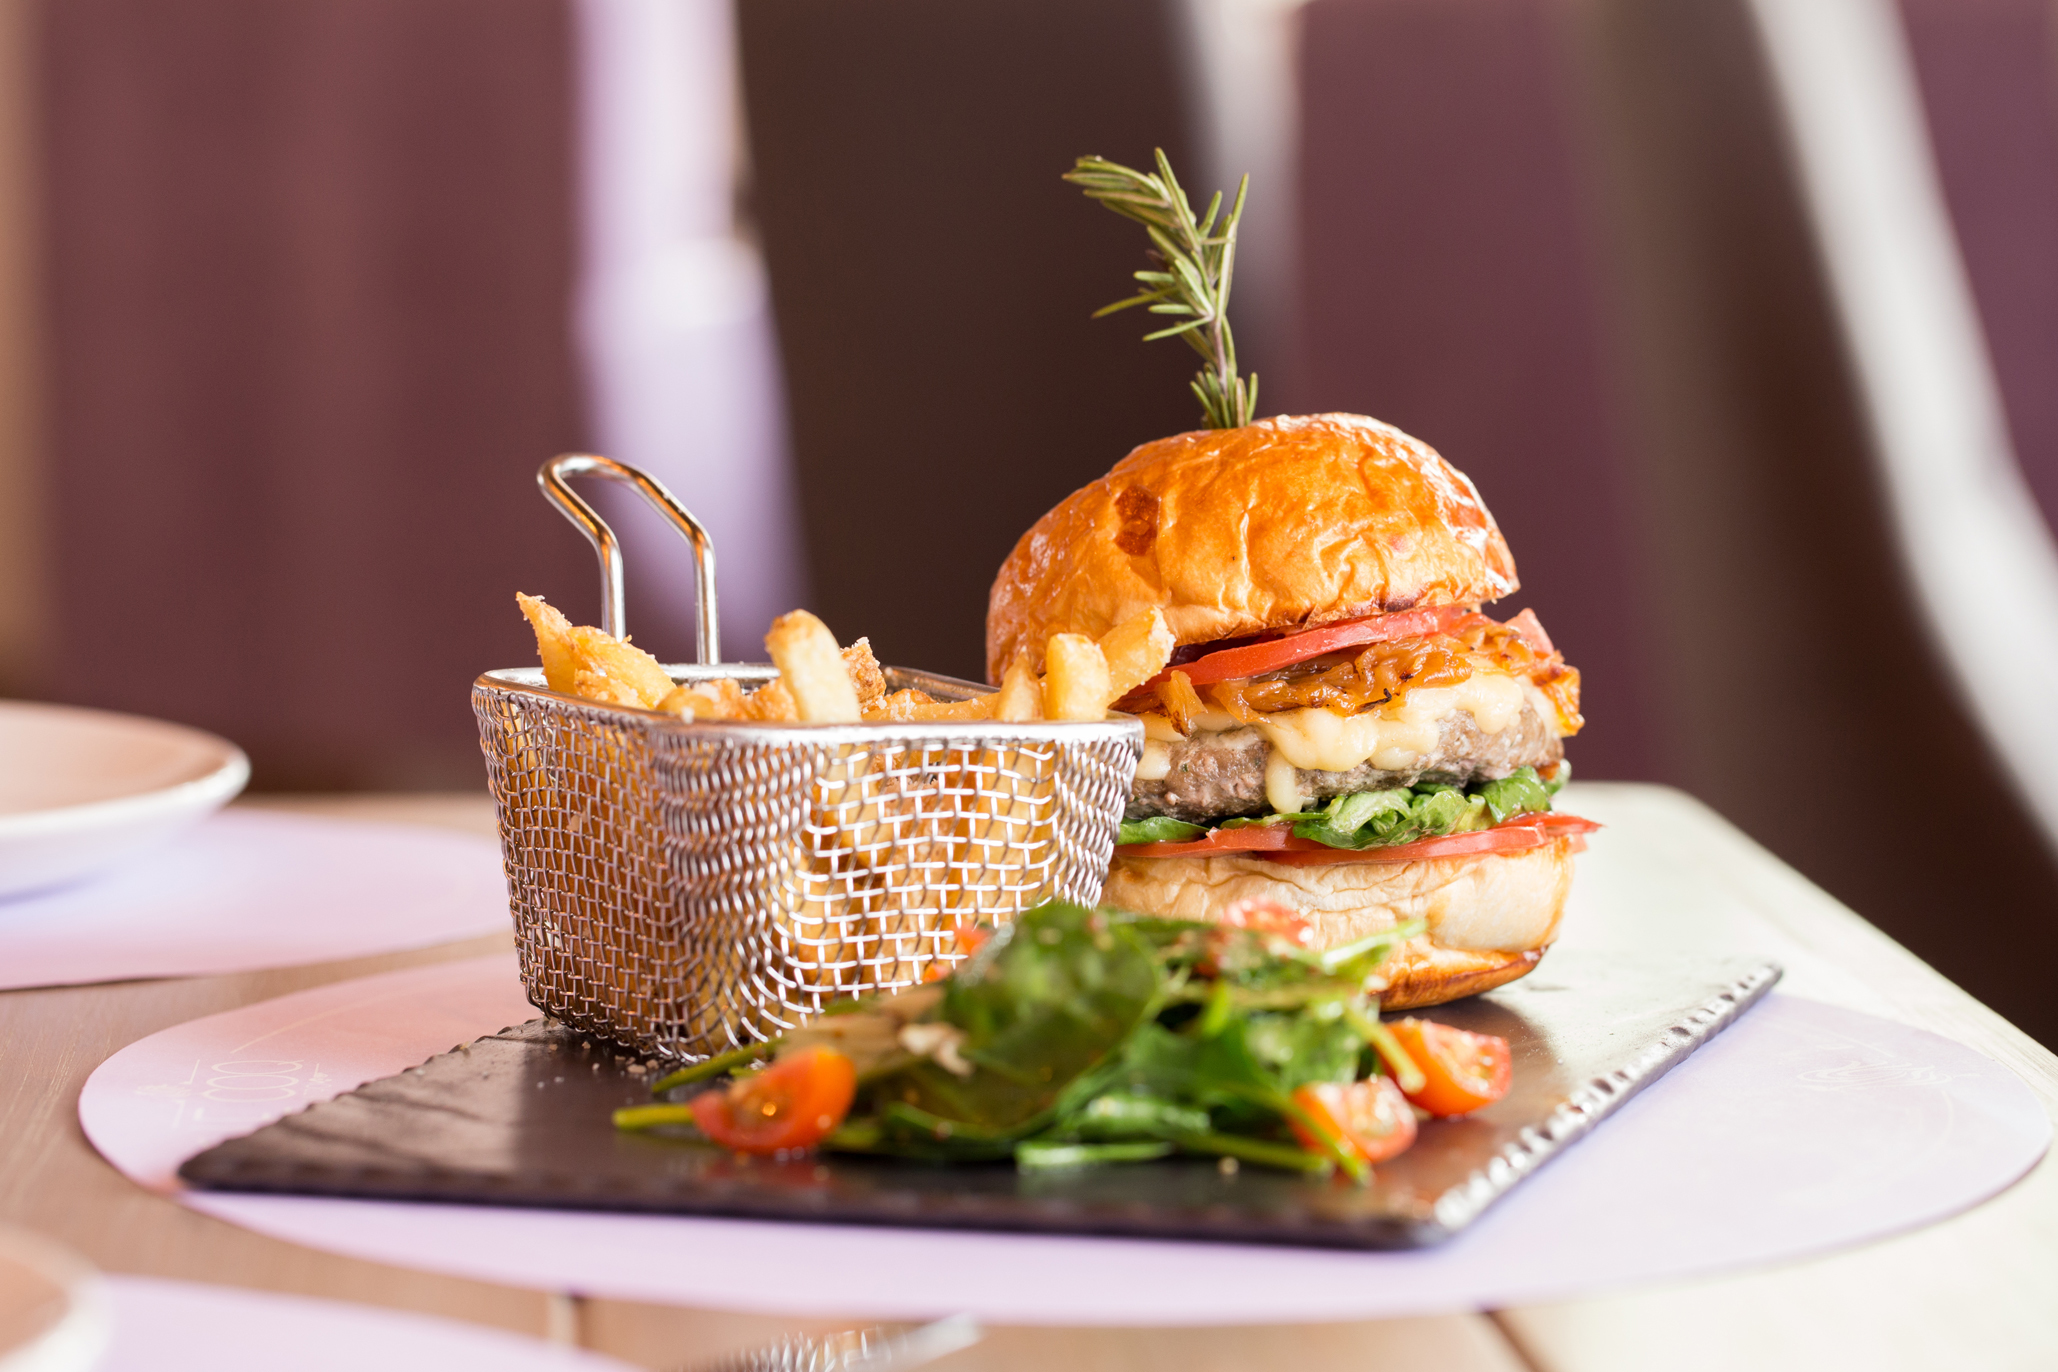 Las 10 mejores hamburguesas según nuestros lectores